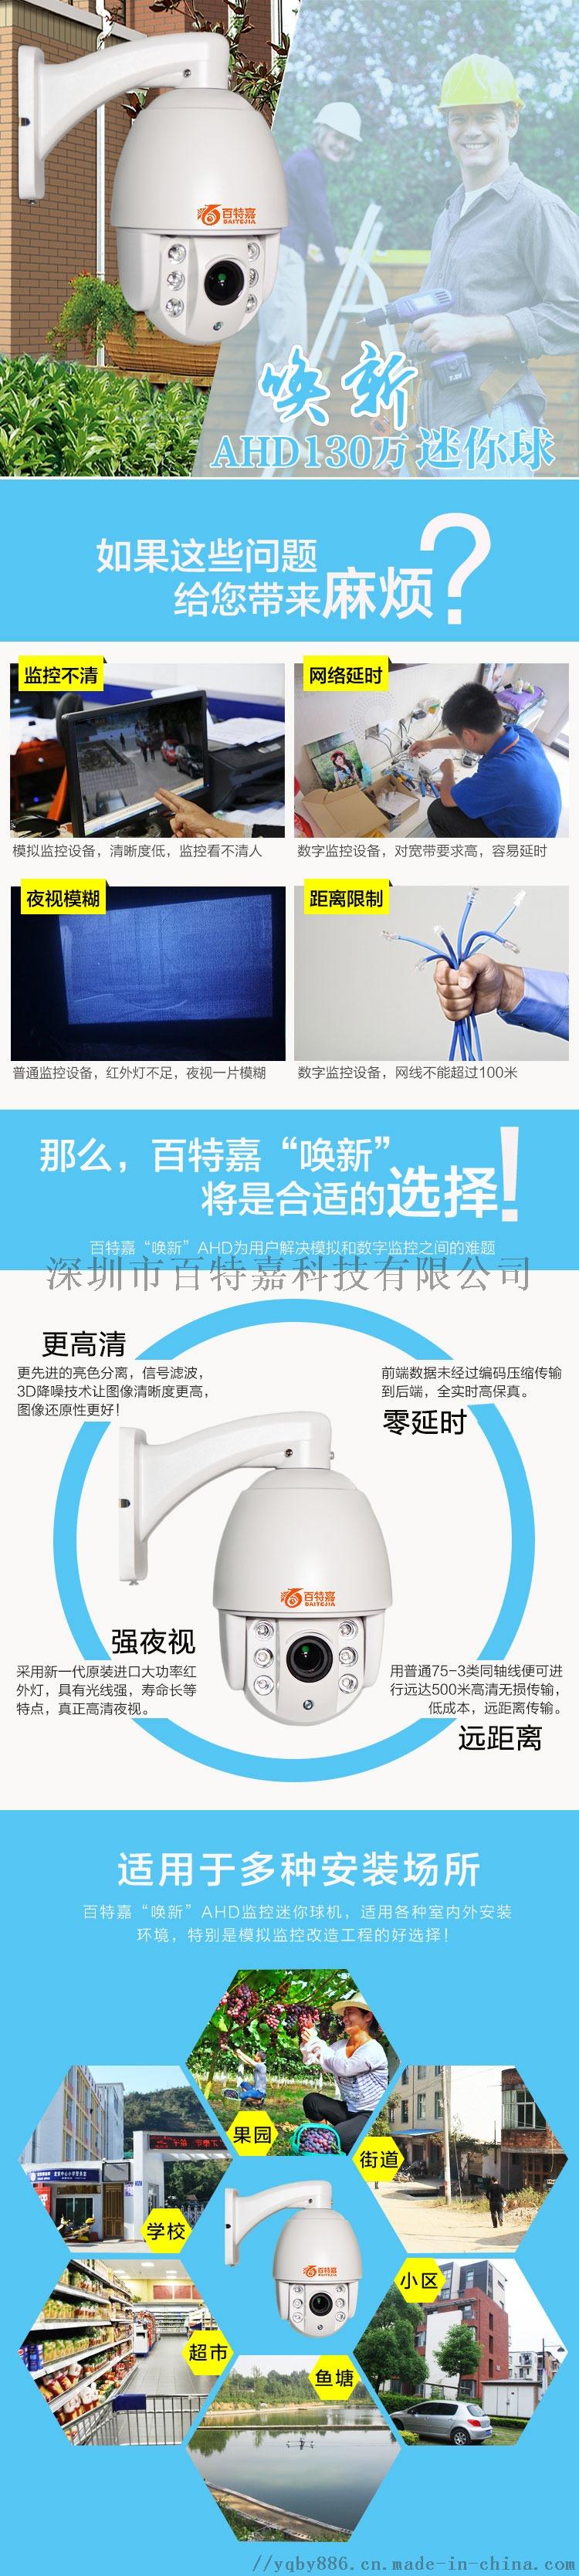 AHD 高清监控摄像头  模拟球机91358645